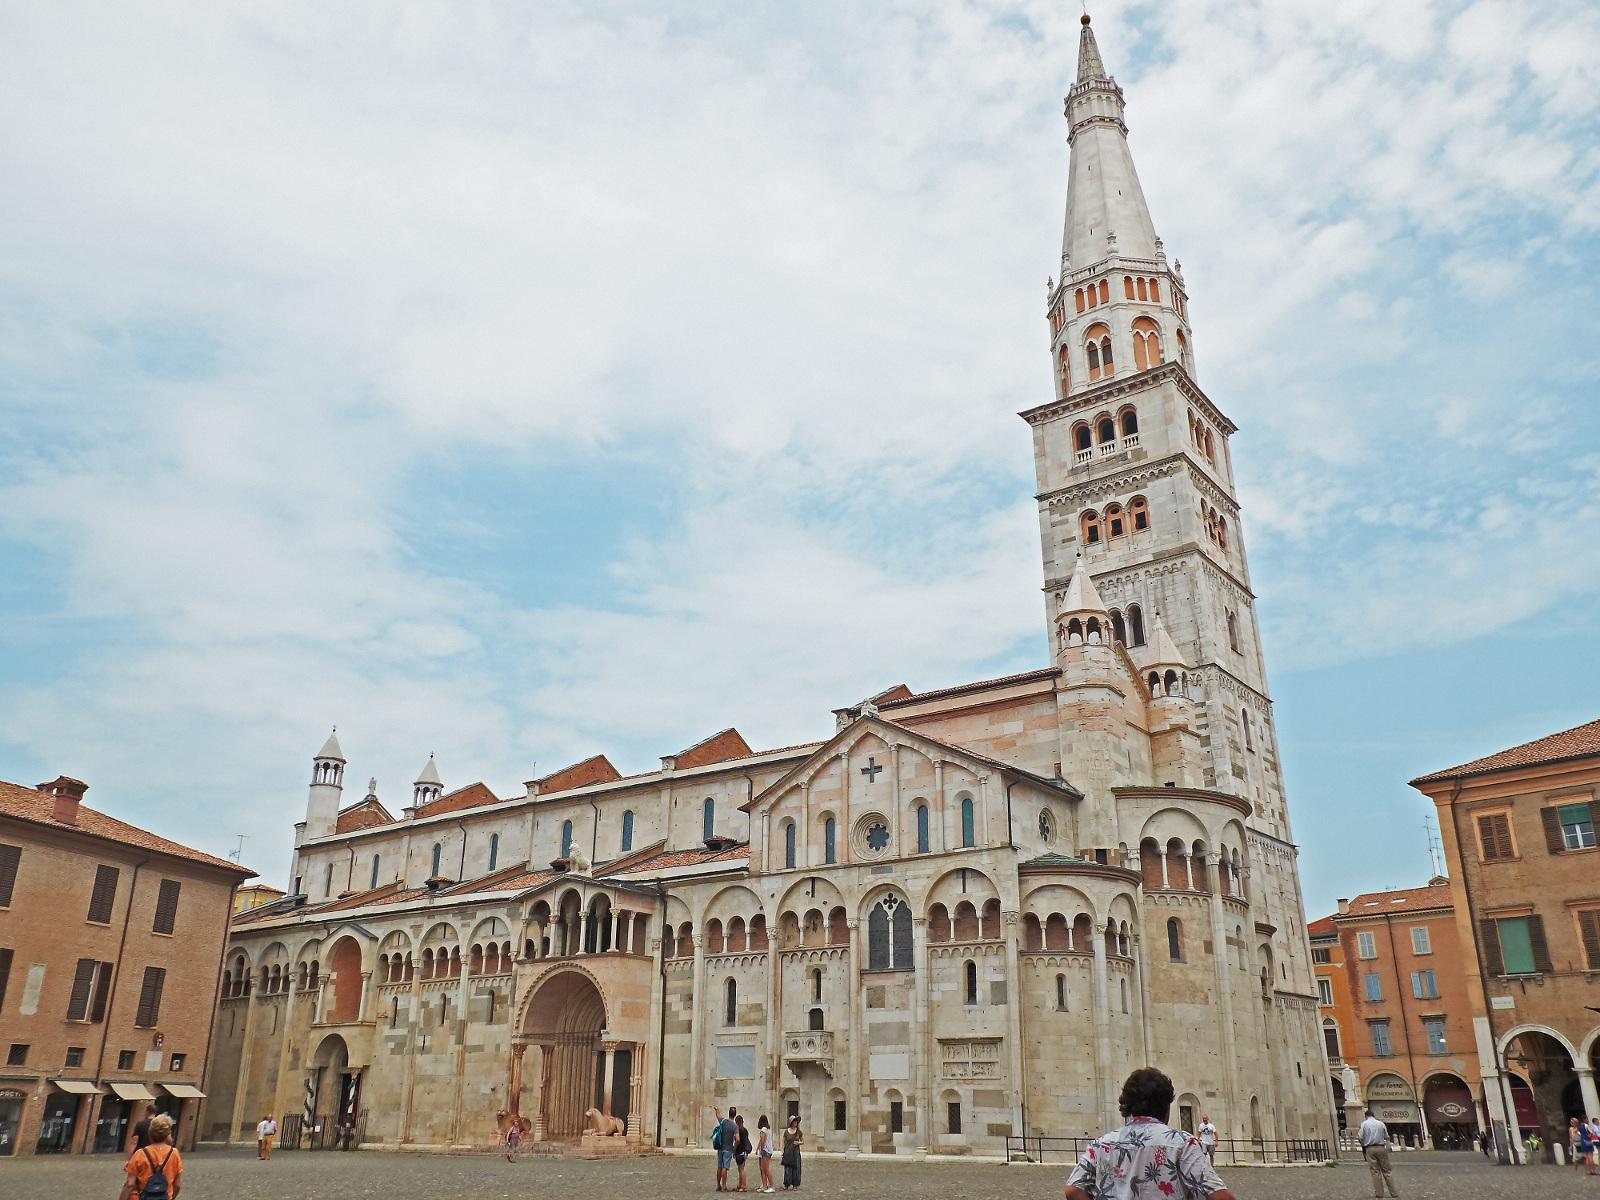 Servizi di Vigilanza a Modena per Privati e Aziende